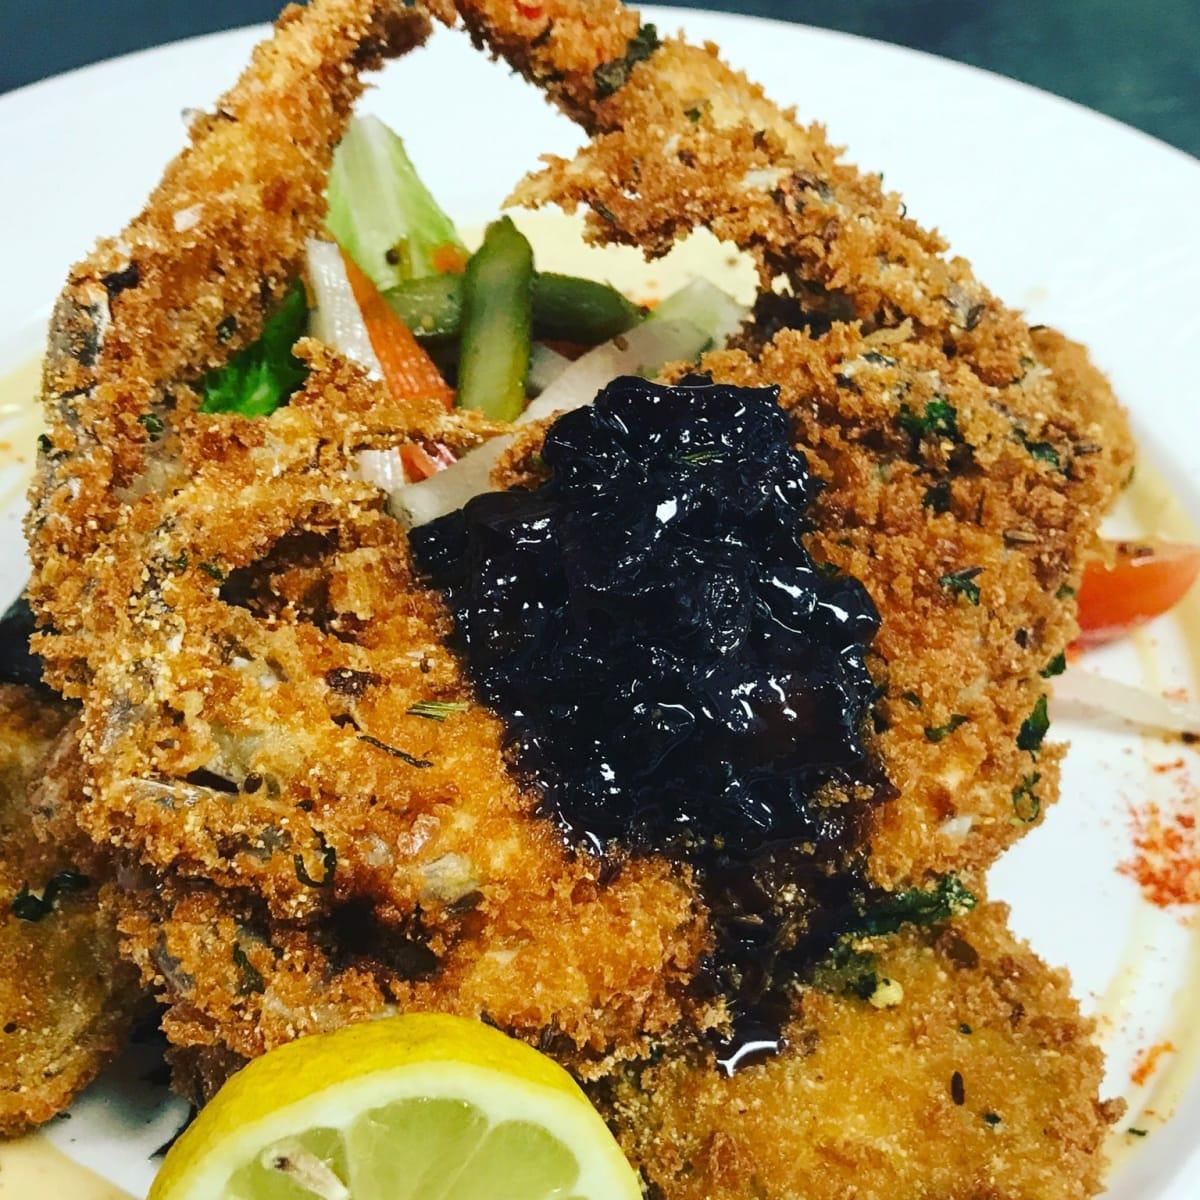 Kiran's soft shell crab